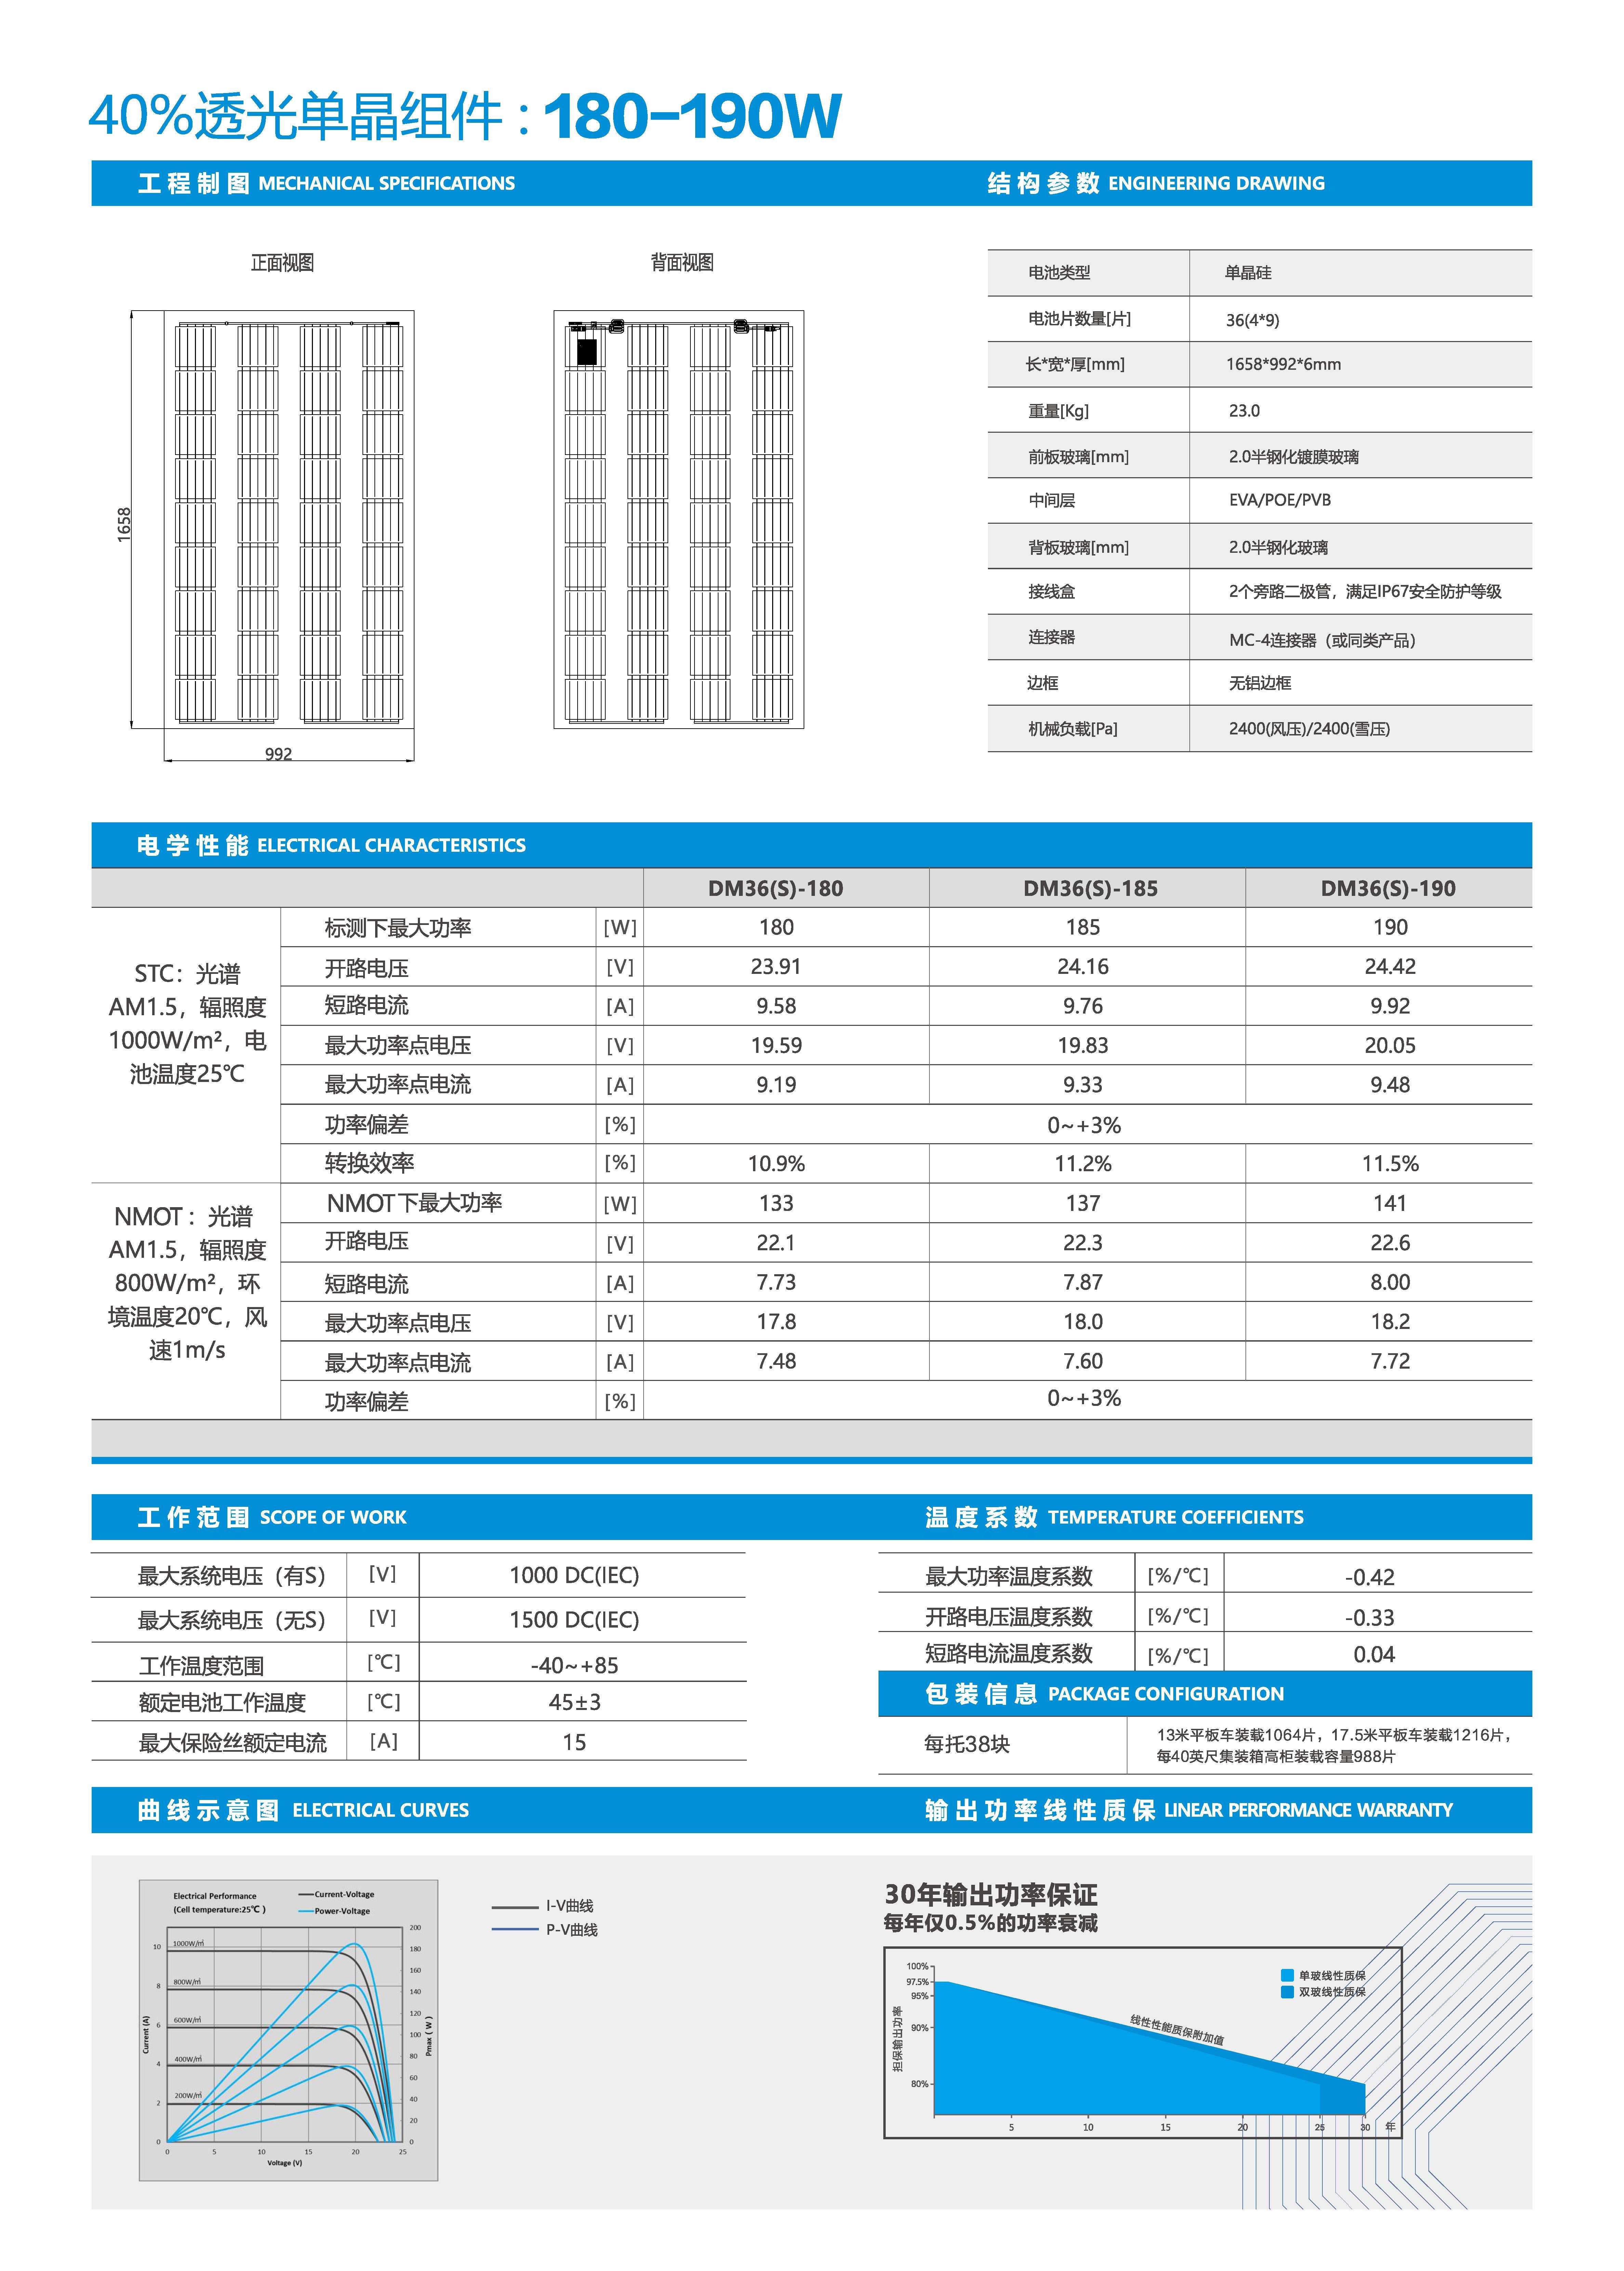 DM36(S)180-190-40透光-6mm厚